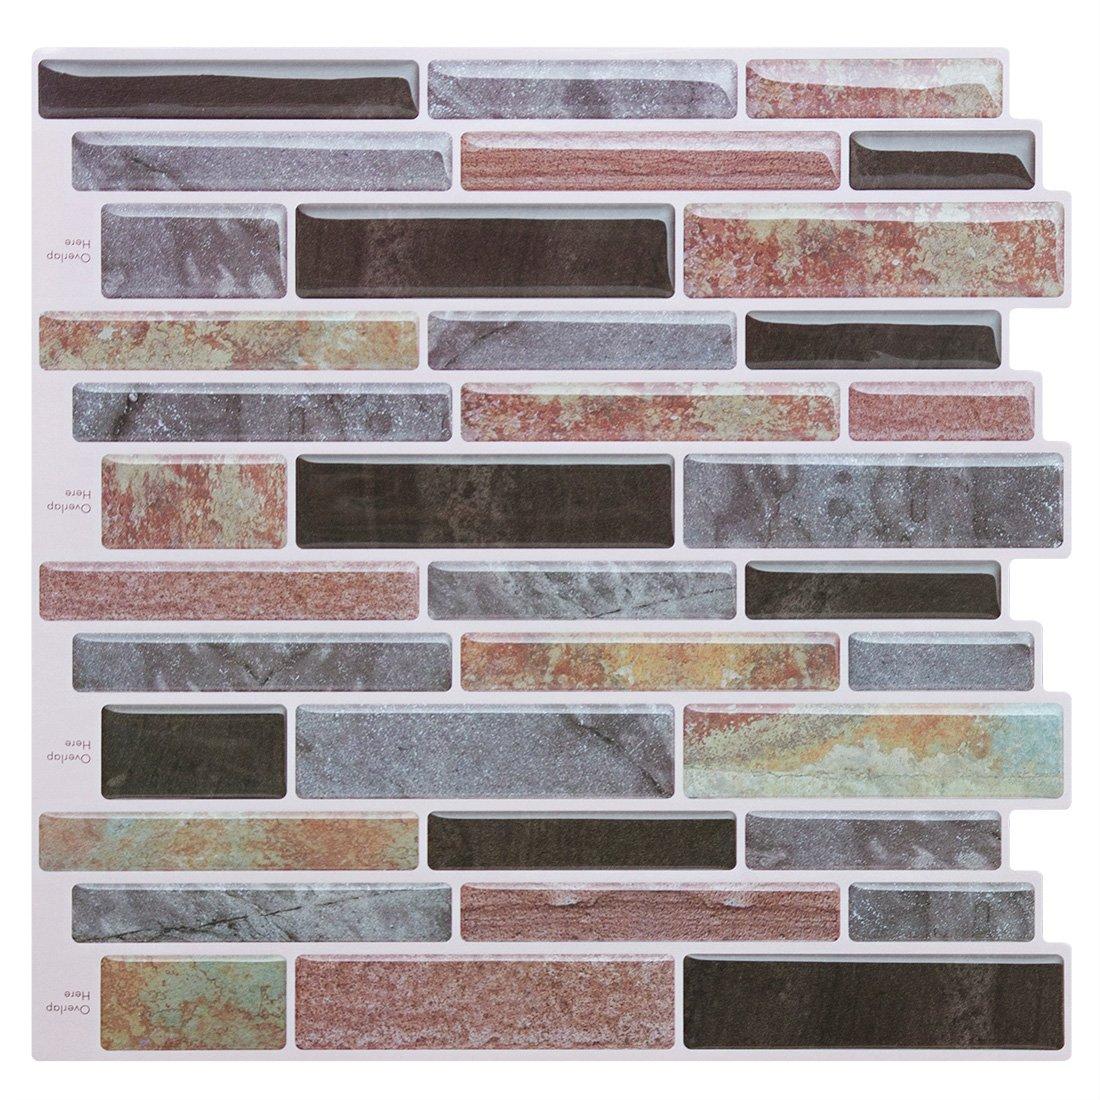 Peel and Stick Tile Backsplash-Mist Purple Backsplash Peel and Stick for Kitchen Bathroom,Stick on Tiles for Backsplash(4 Tiles) by FAM-StickTiles